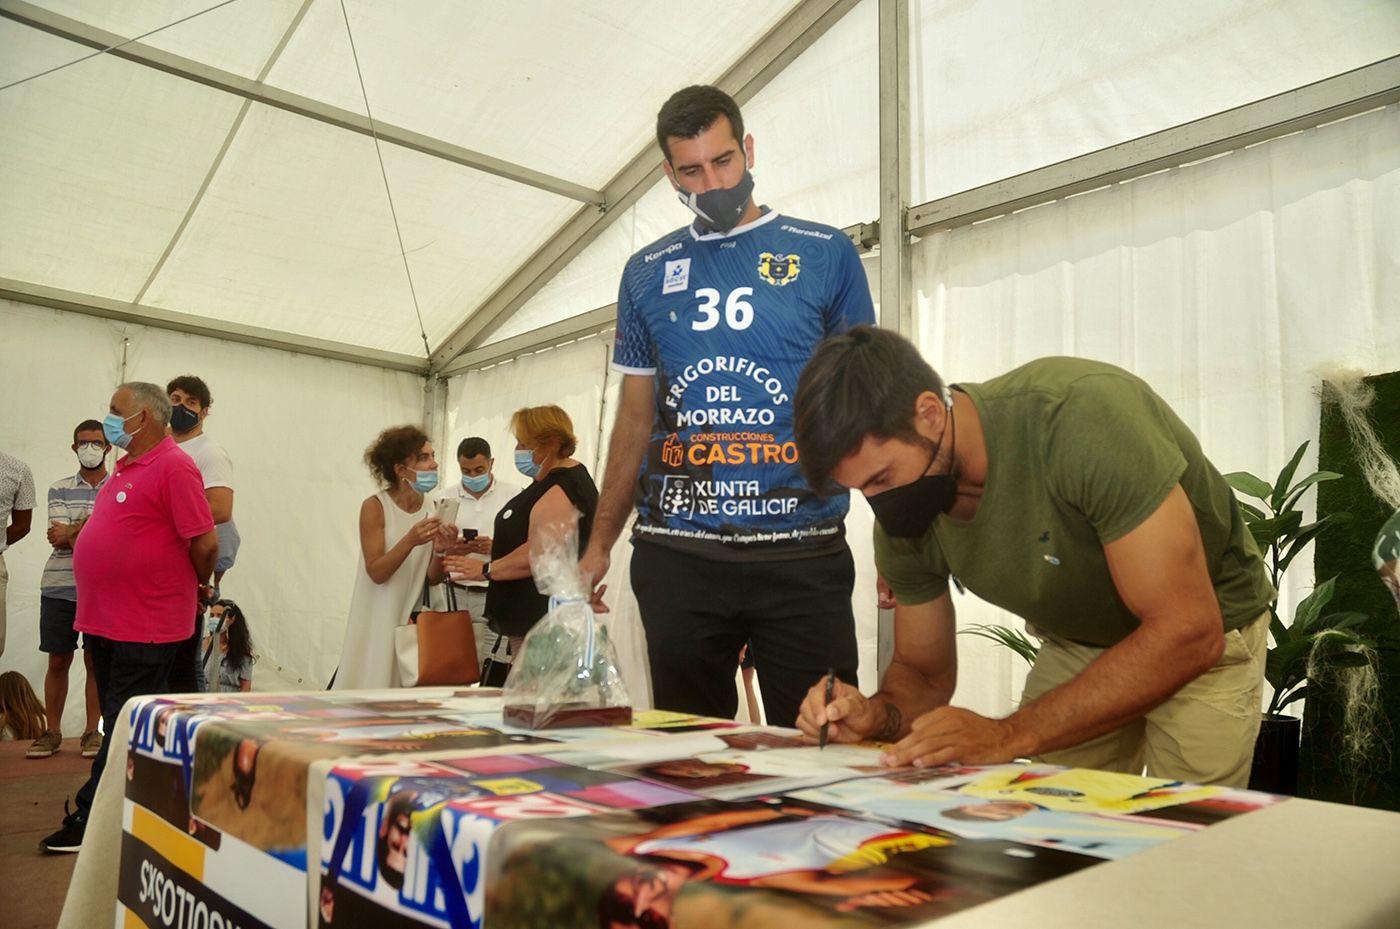 Rodrigo Germade y Rodrigo Corrales dejan su firma en varias lonas conmemorativas. Rafa Vázquez.jpg